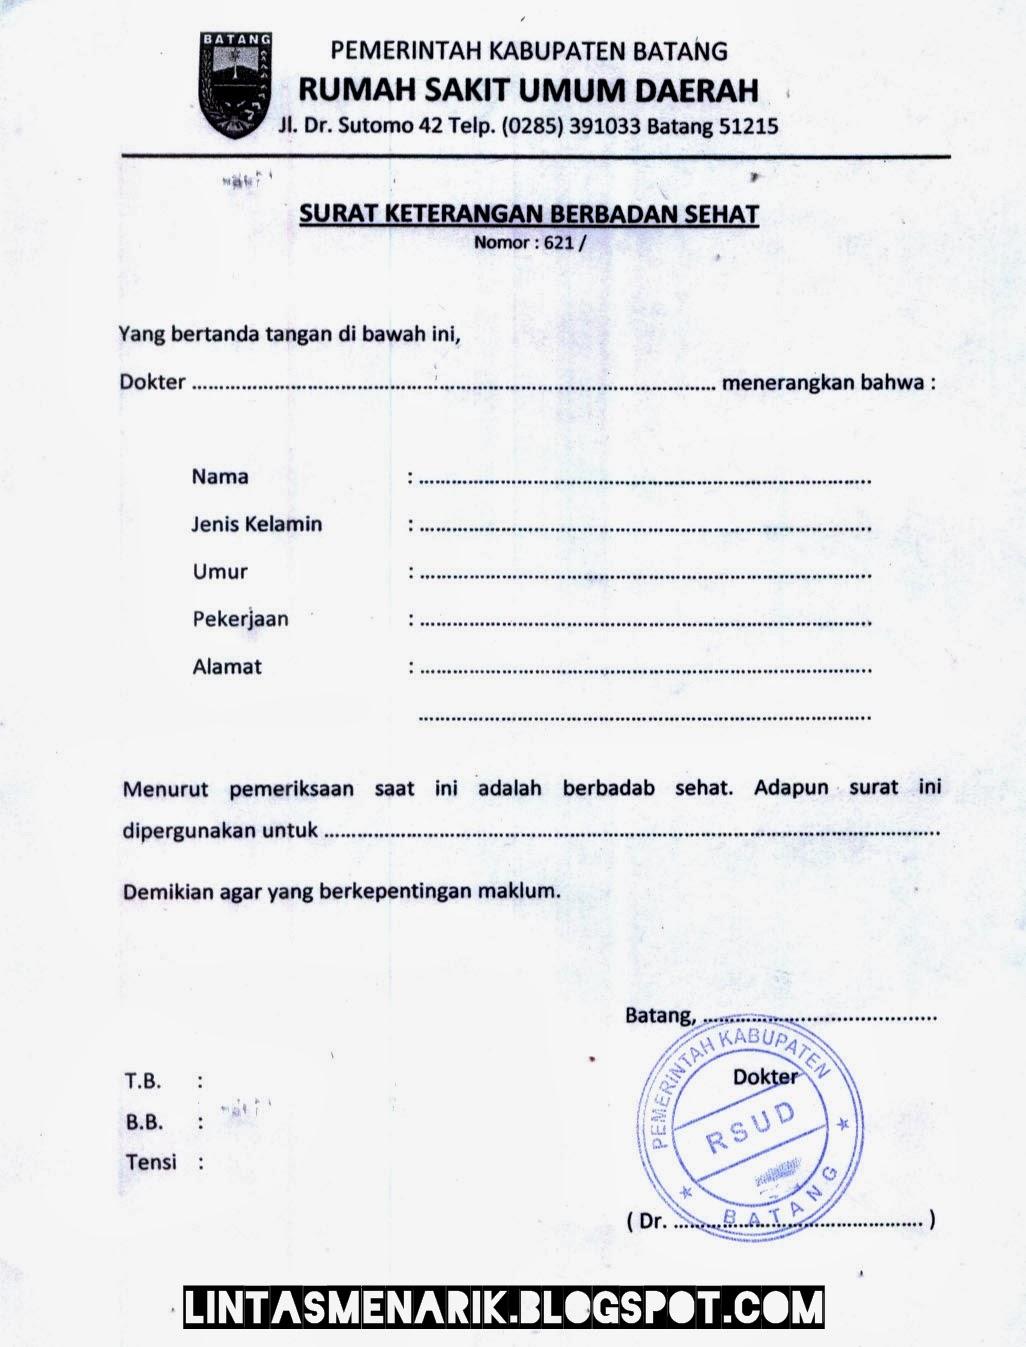 gudangnya surat formal contoh surat keterangan sakit